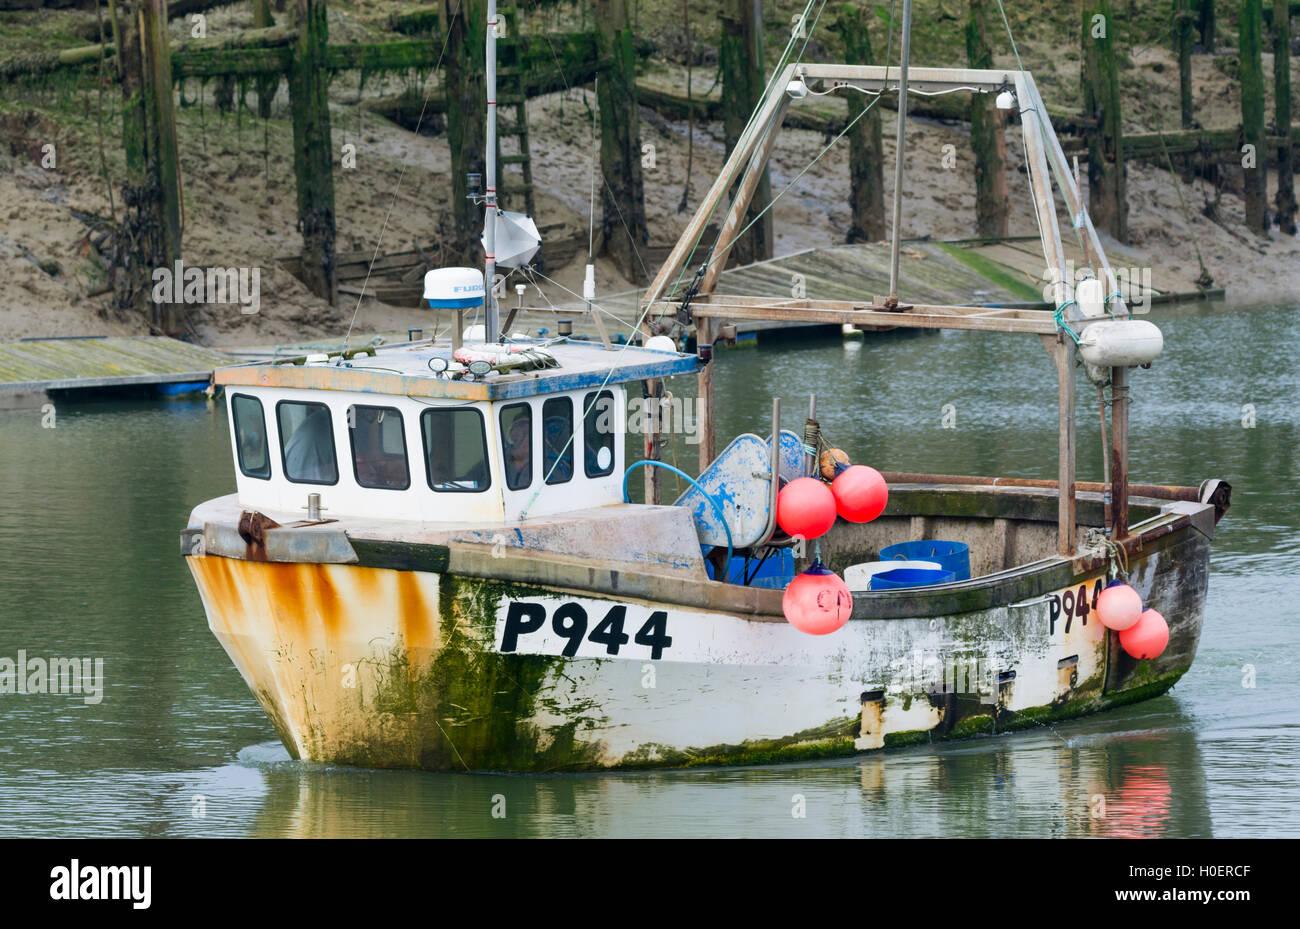 Rostige alte Fischerboot auf eine Flussmündung. Stockbild